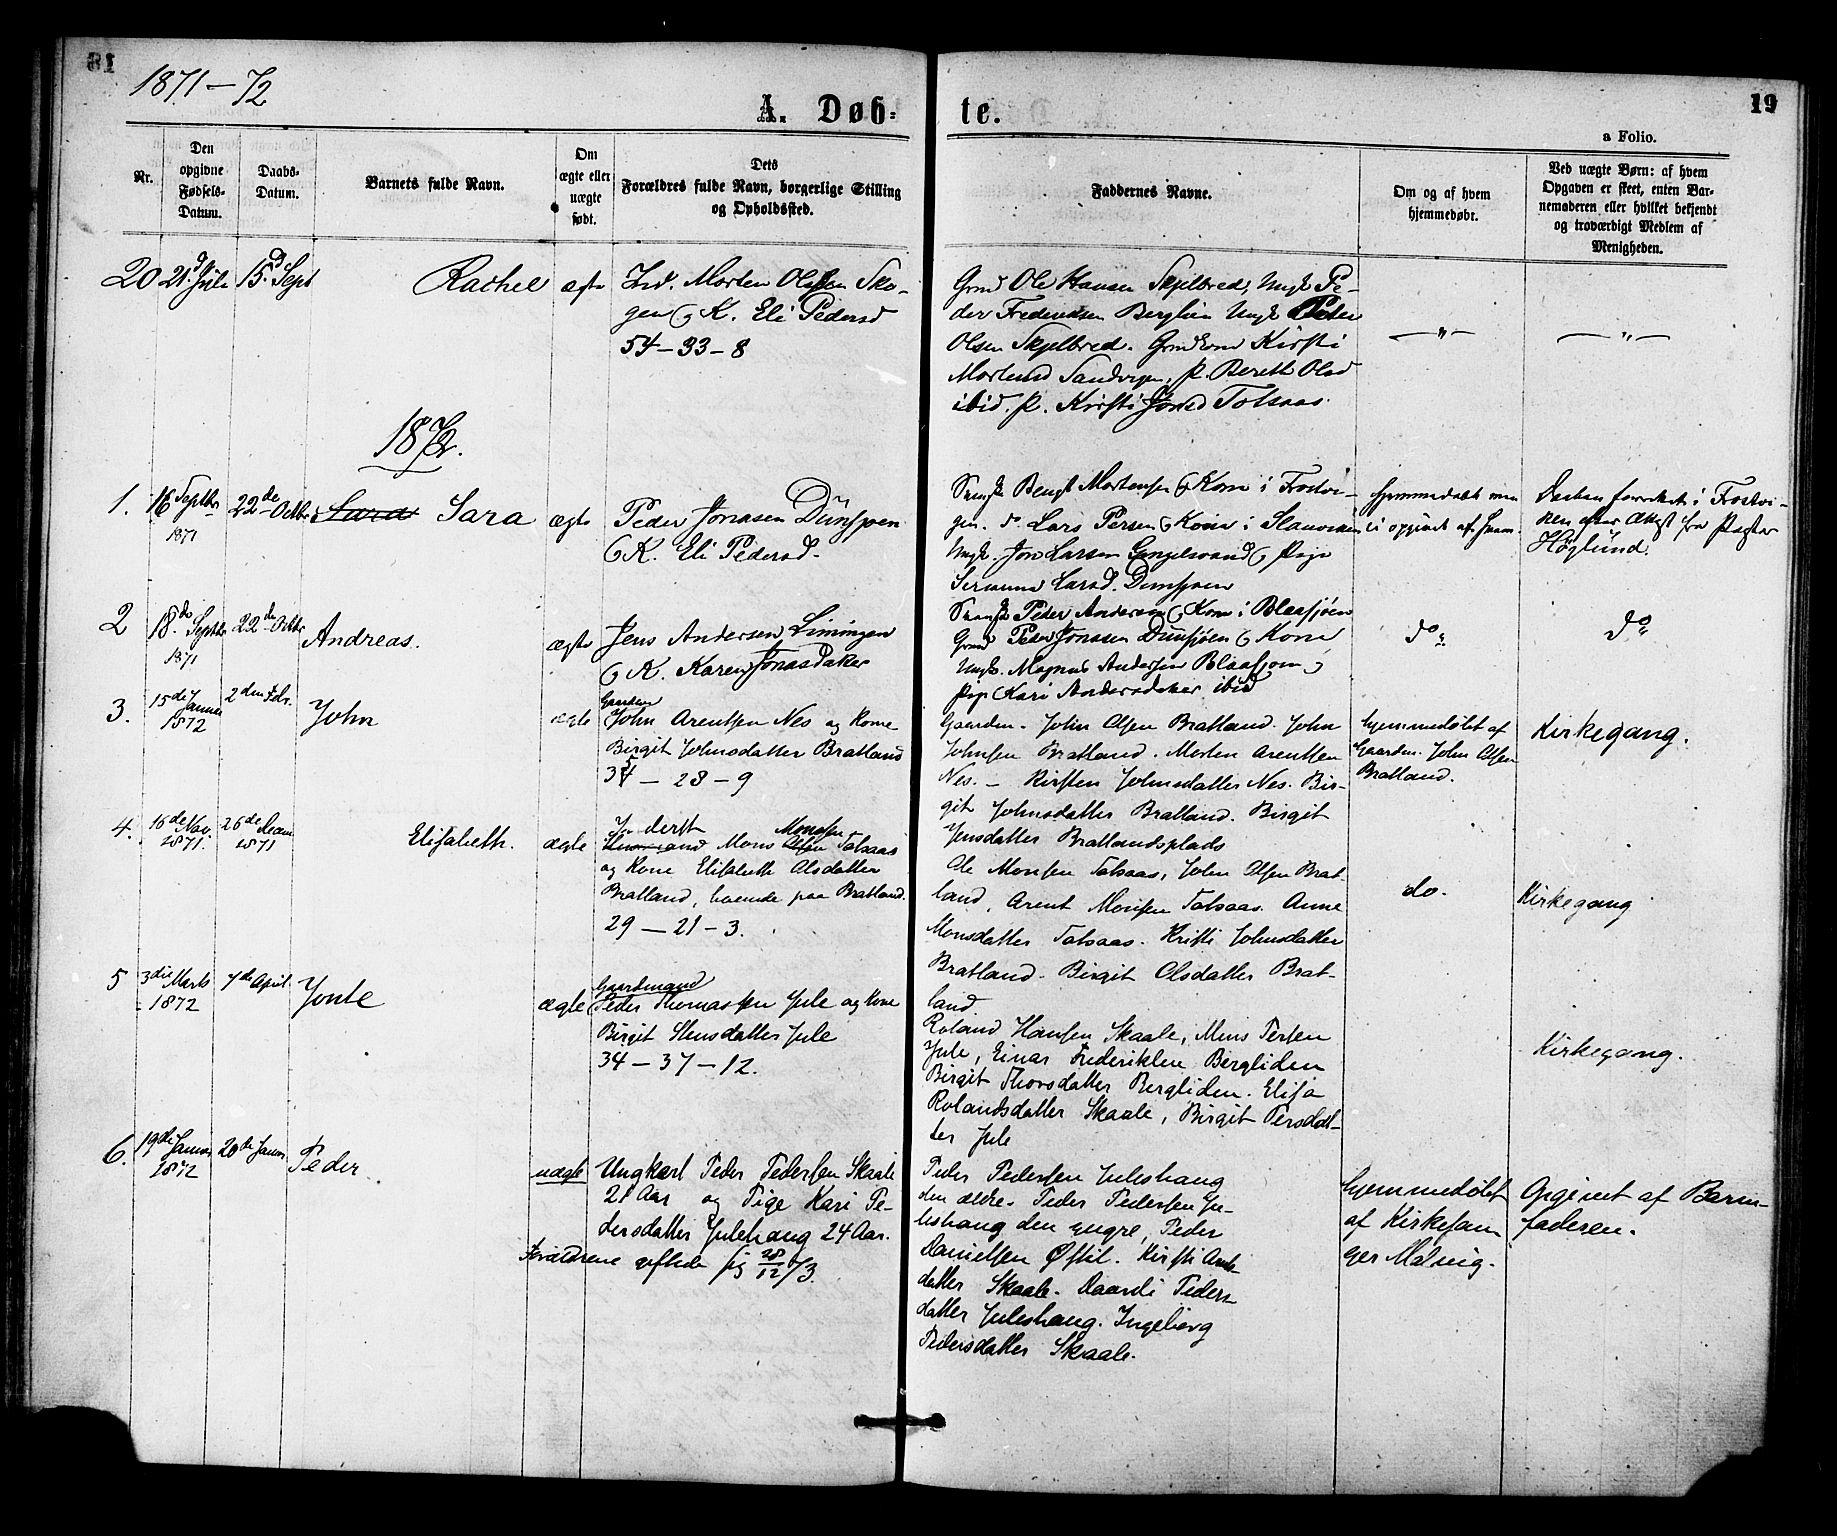 SAT, Ministerialprotokoller, klokkerbøker og fødselsregistre - Nord-Trøndelag, 755/L0493: Ministerialbok nr. 755A02, 1865-1881, s. 19